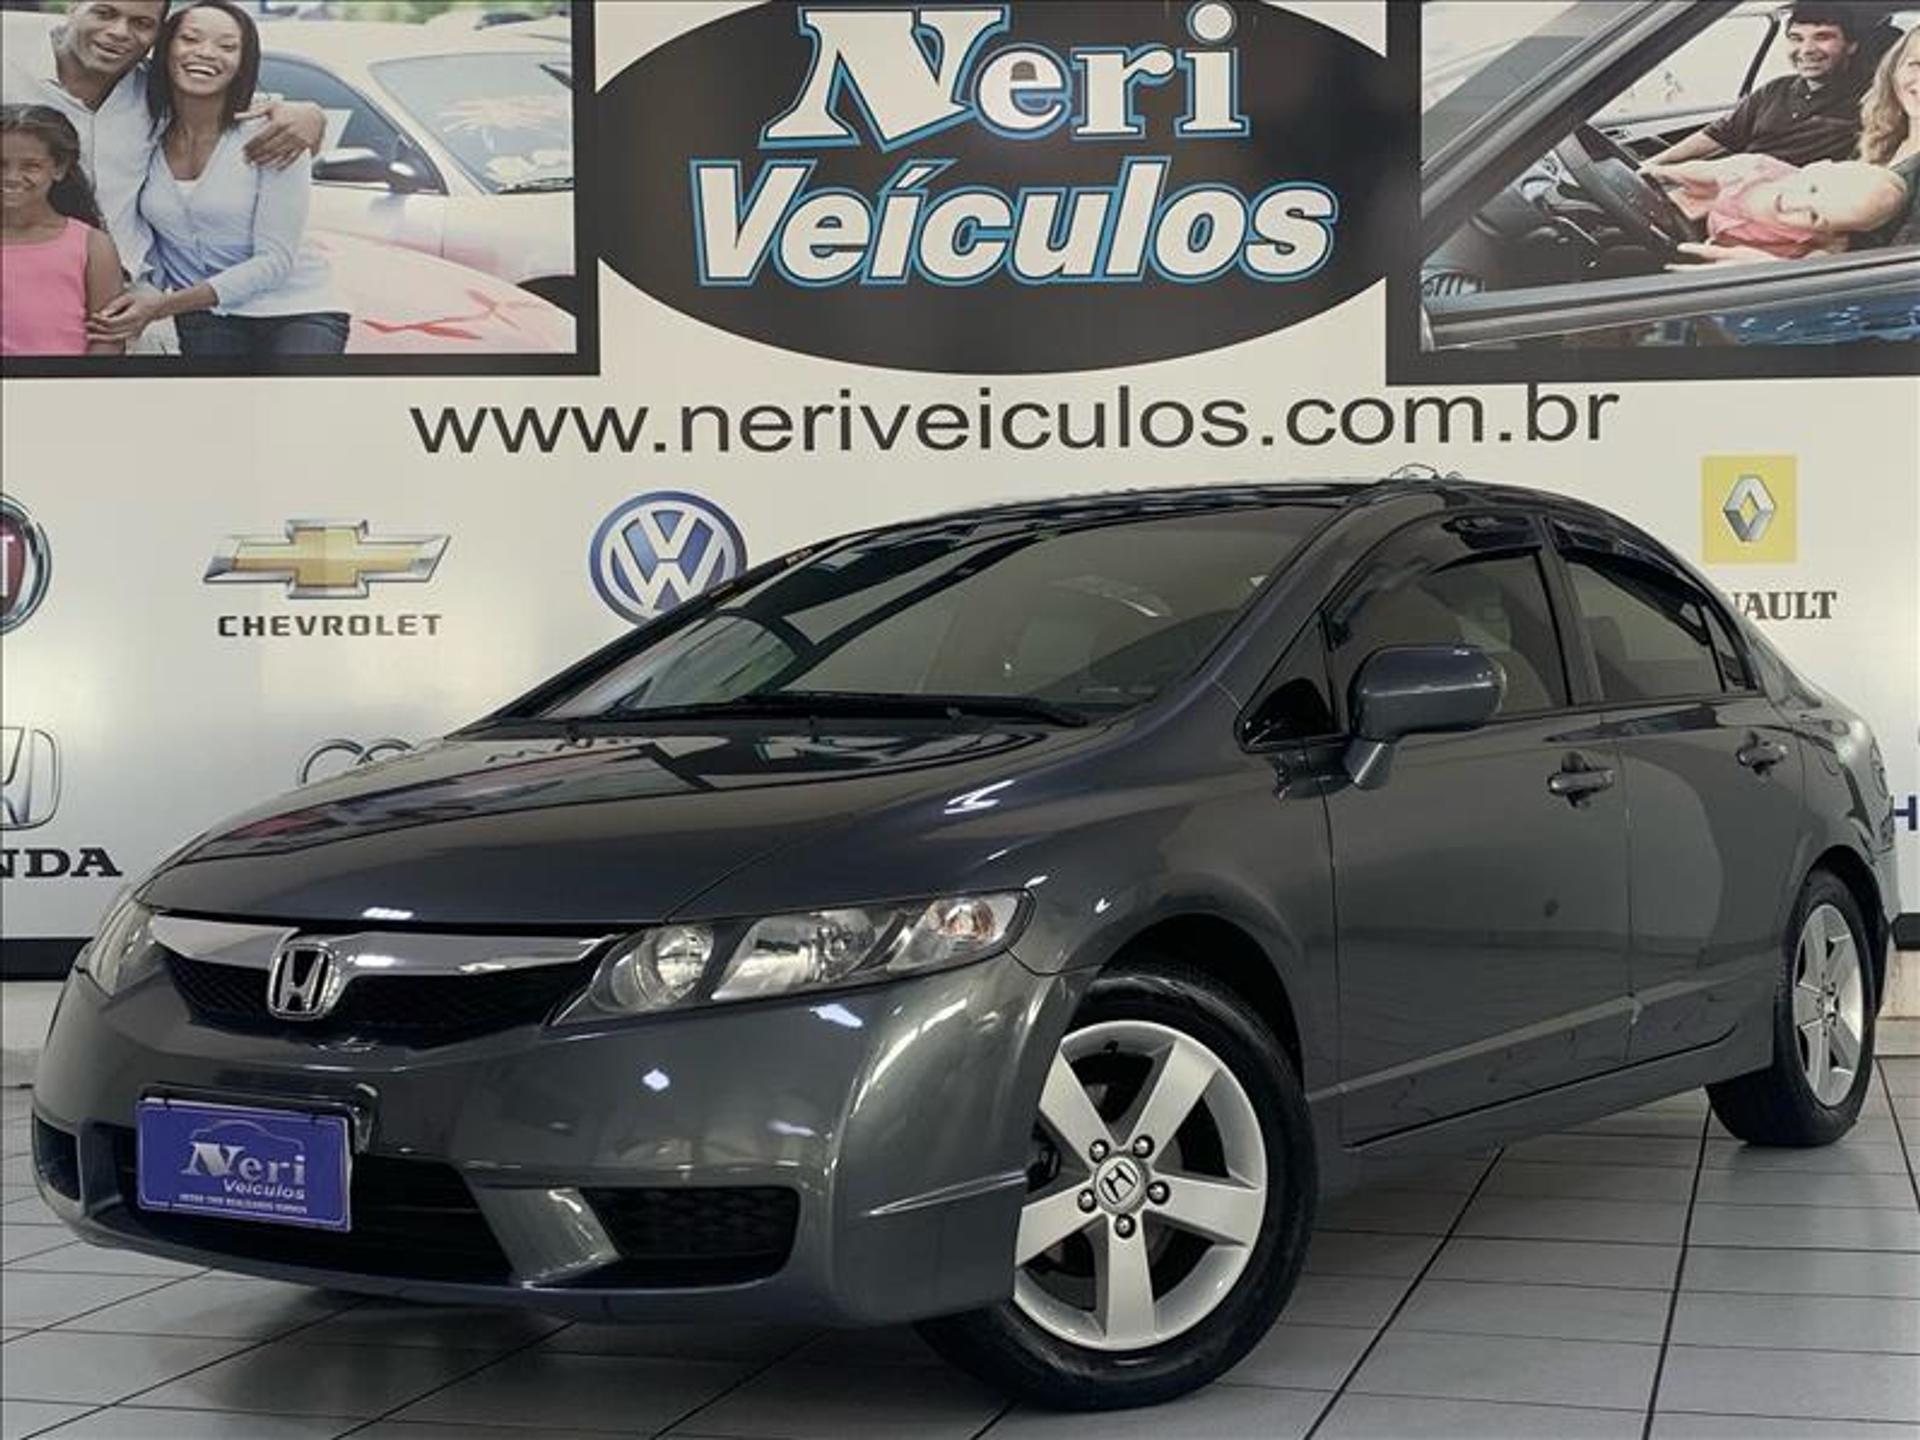 Honda Civic 1.8 Lxs 16v Flex 4p Manual Wmimagem16360338964